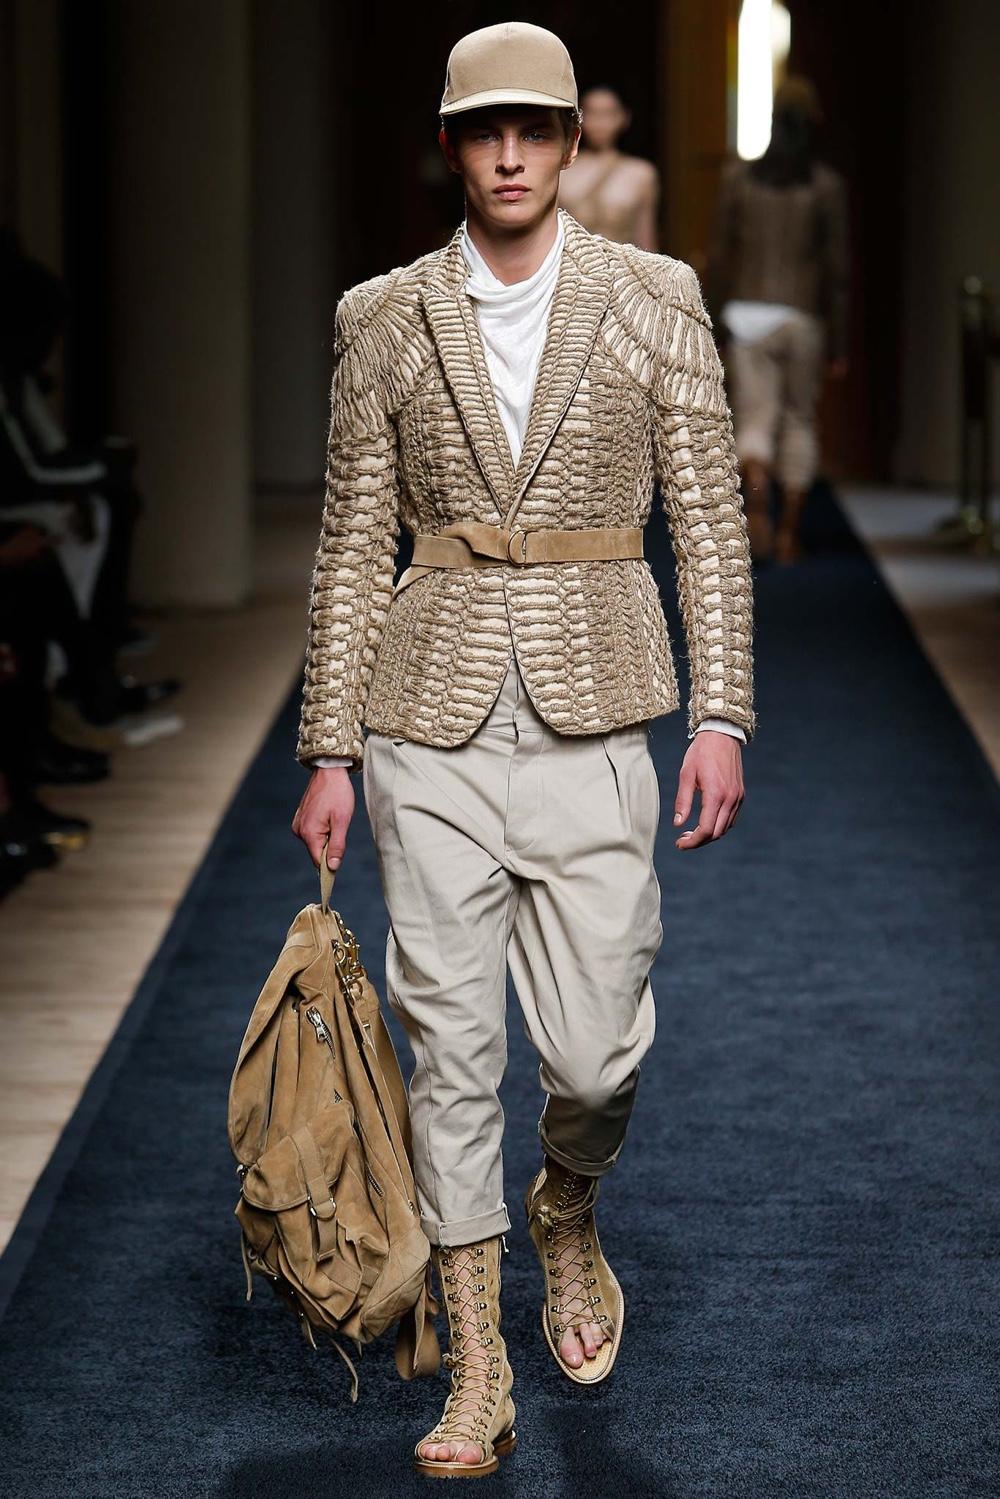 Balmain Spring Summer 2016 Menswear Collection Paris